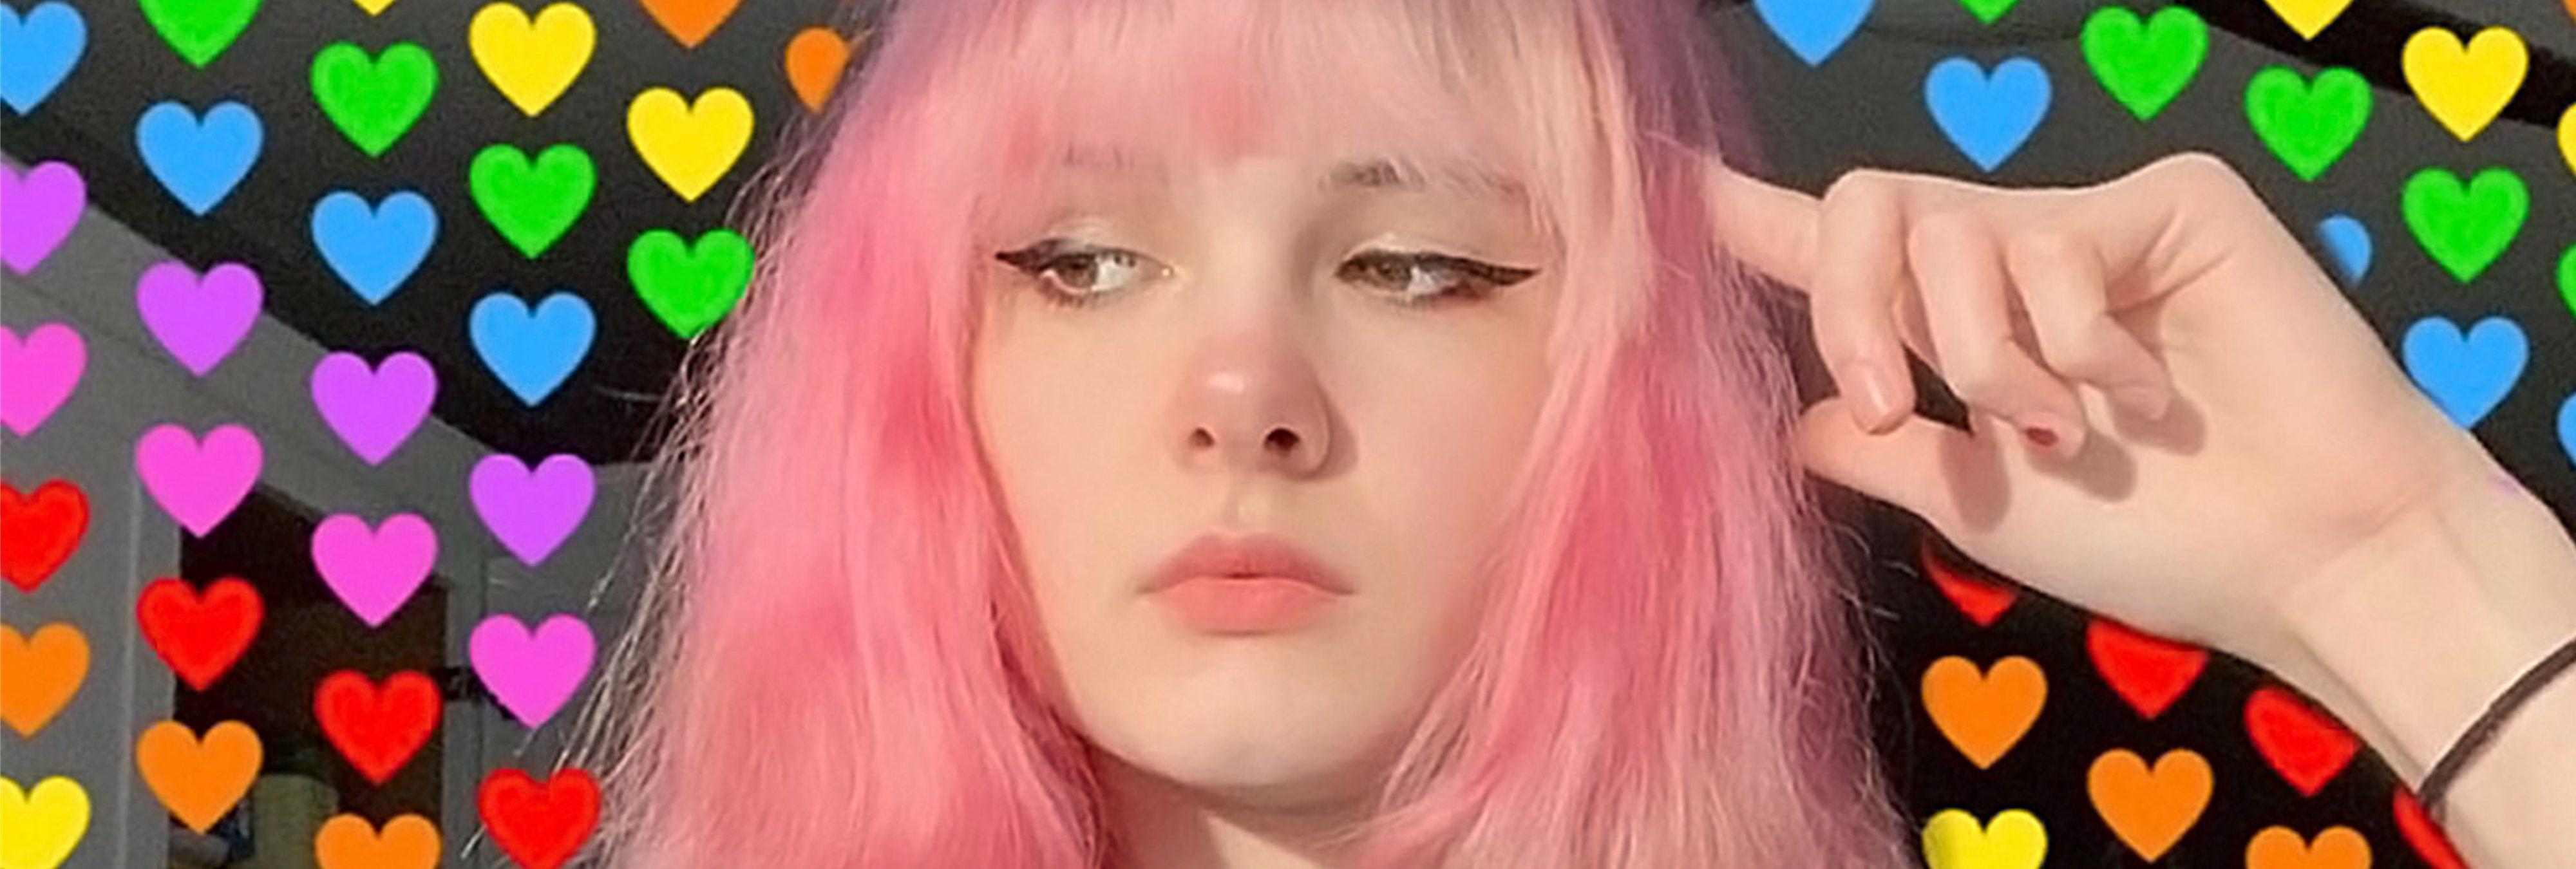 Asesina a su novia, la influencer Bianca Devins, y publica imágenes del cadáver en Instagram